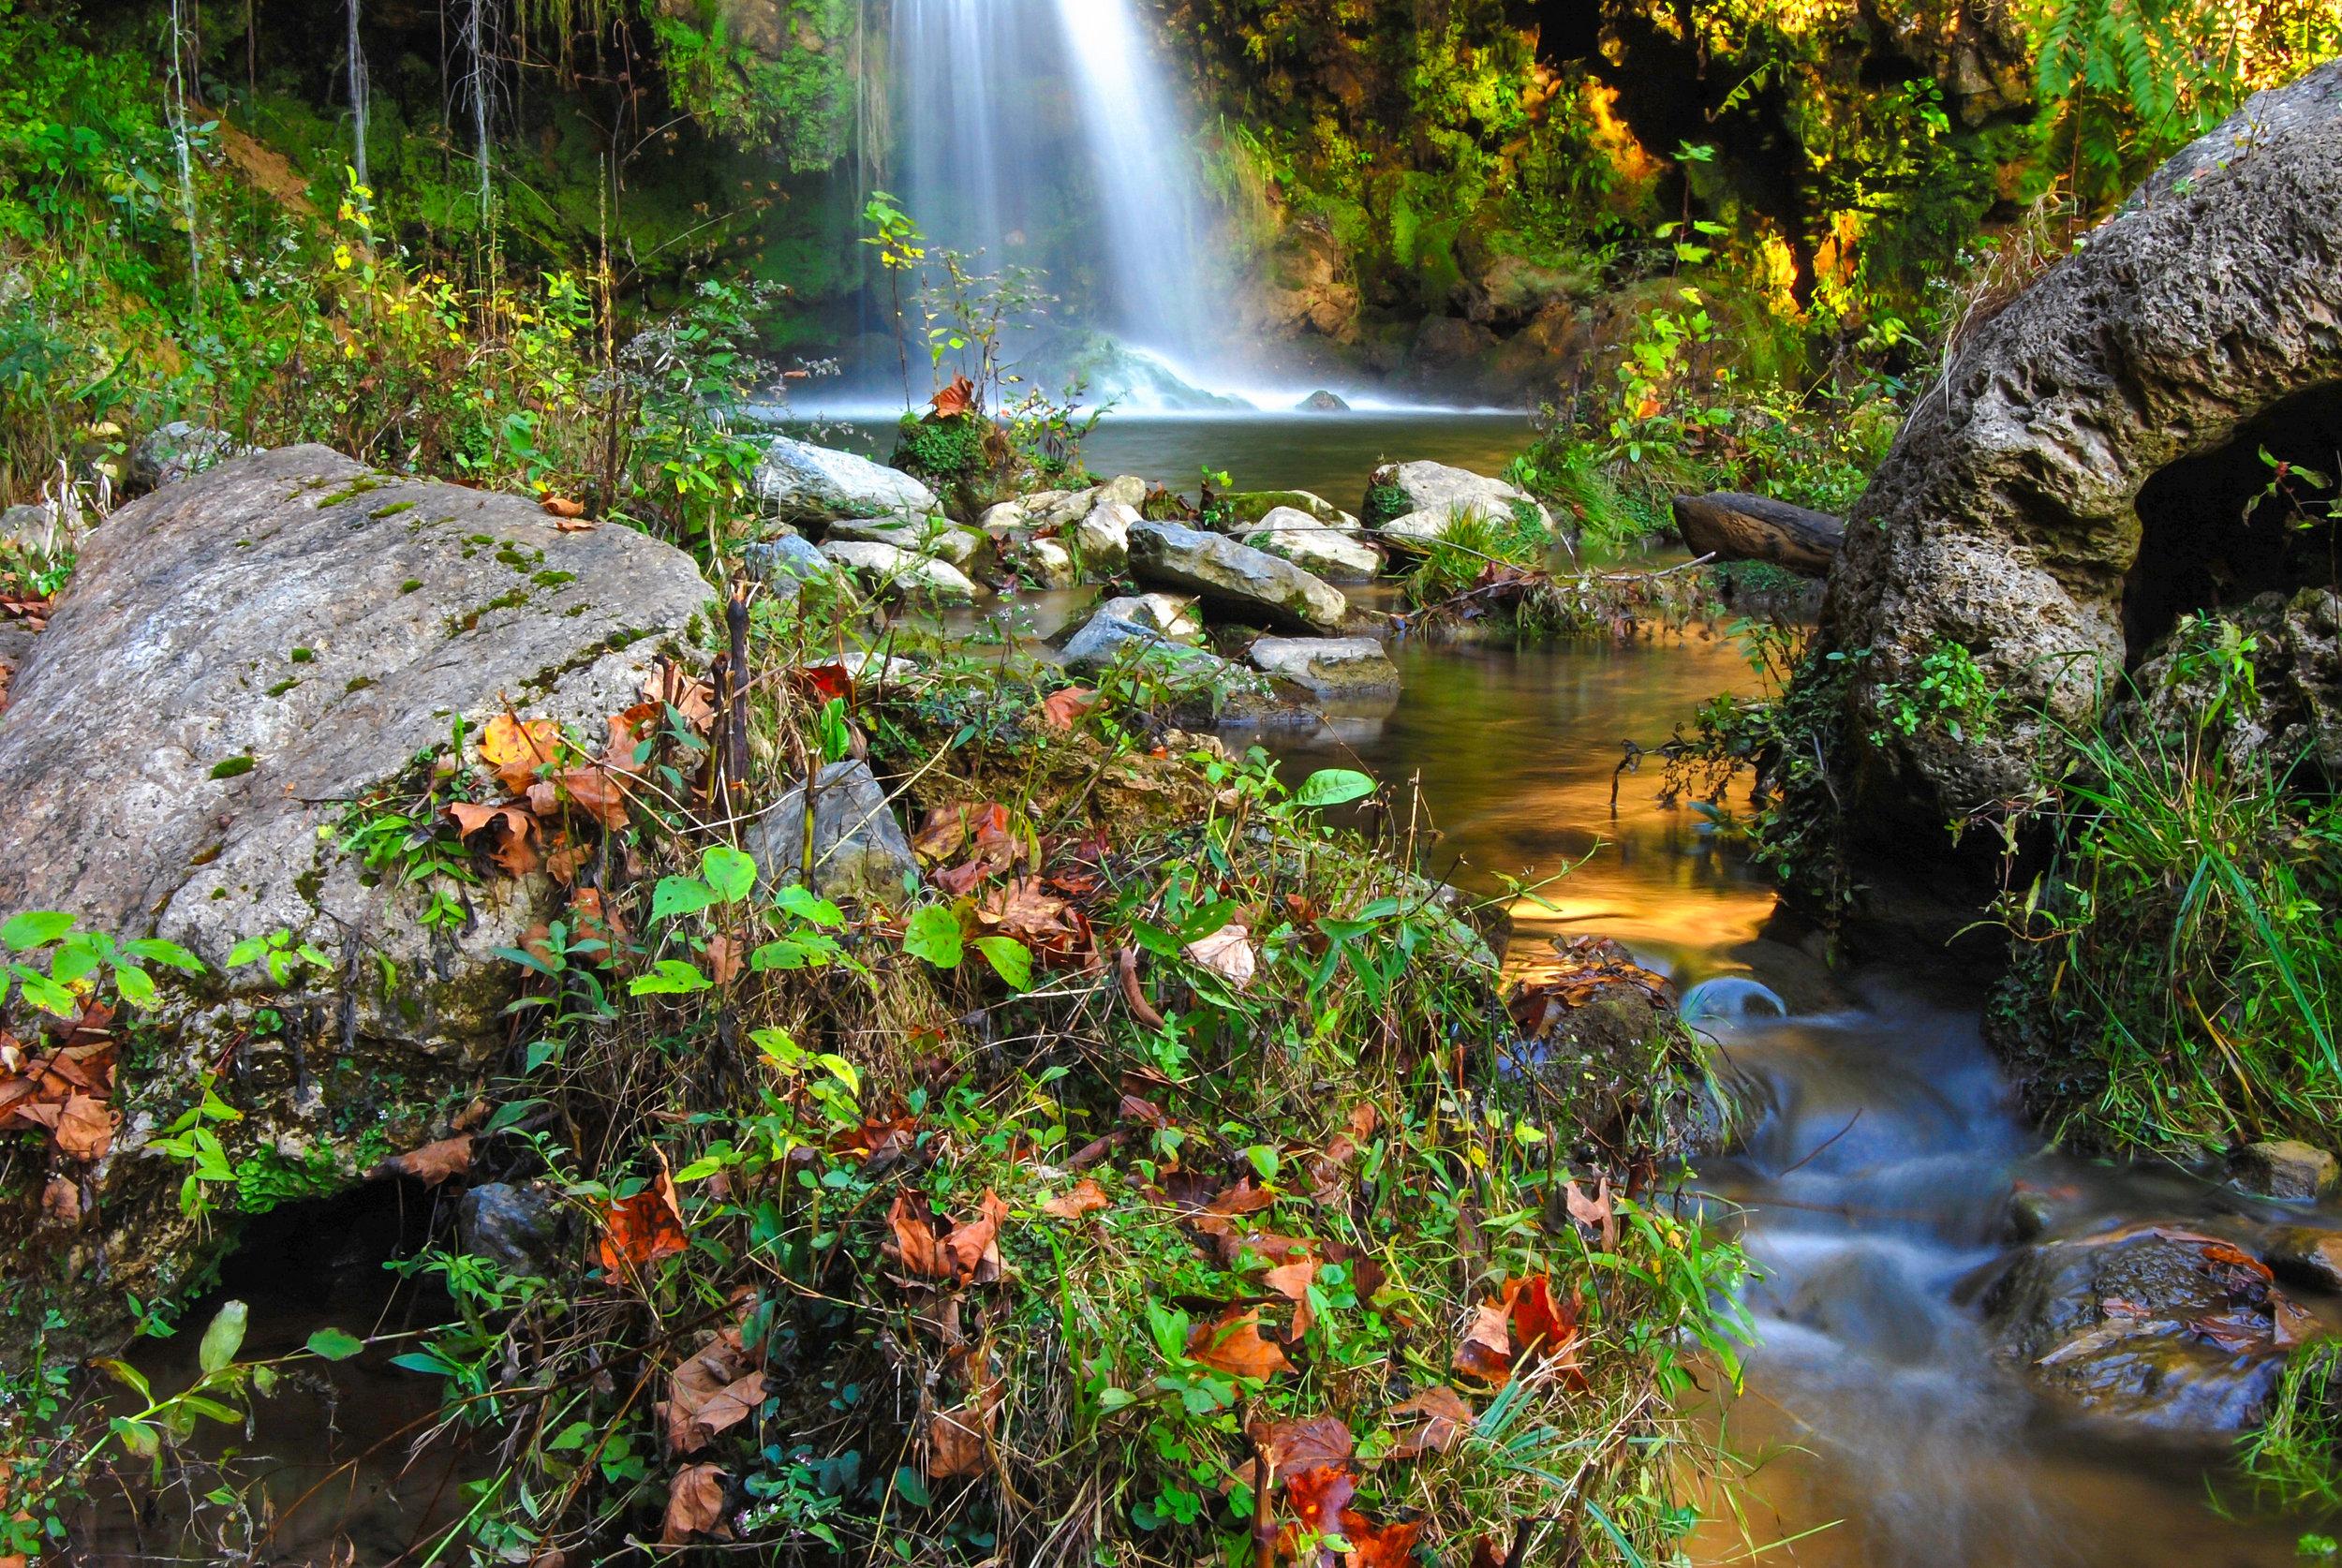 glenns falls-waterfall-shenandoah valley-virginia.jpg